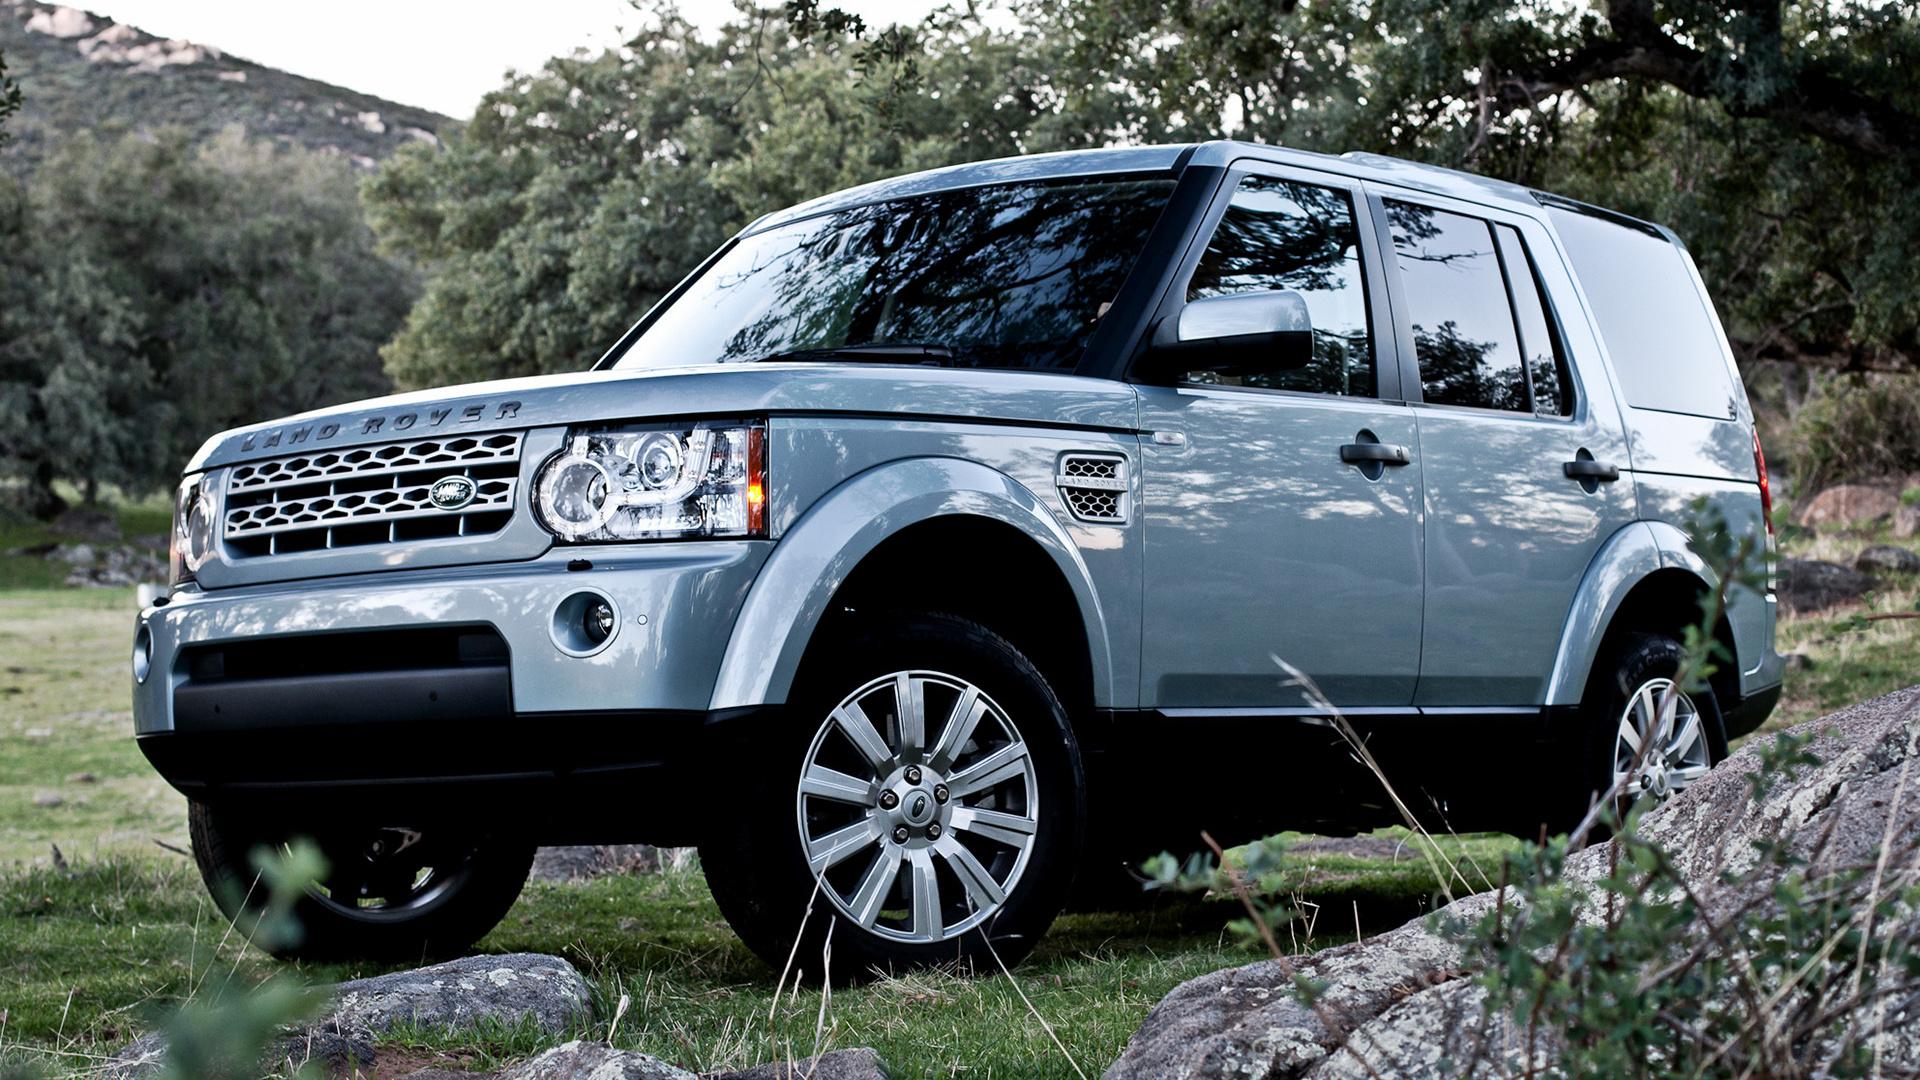 Land Rover Lr4 Wallpaper